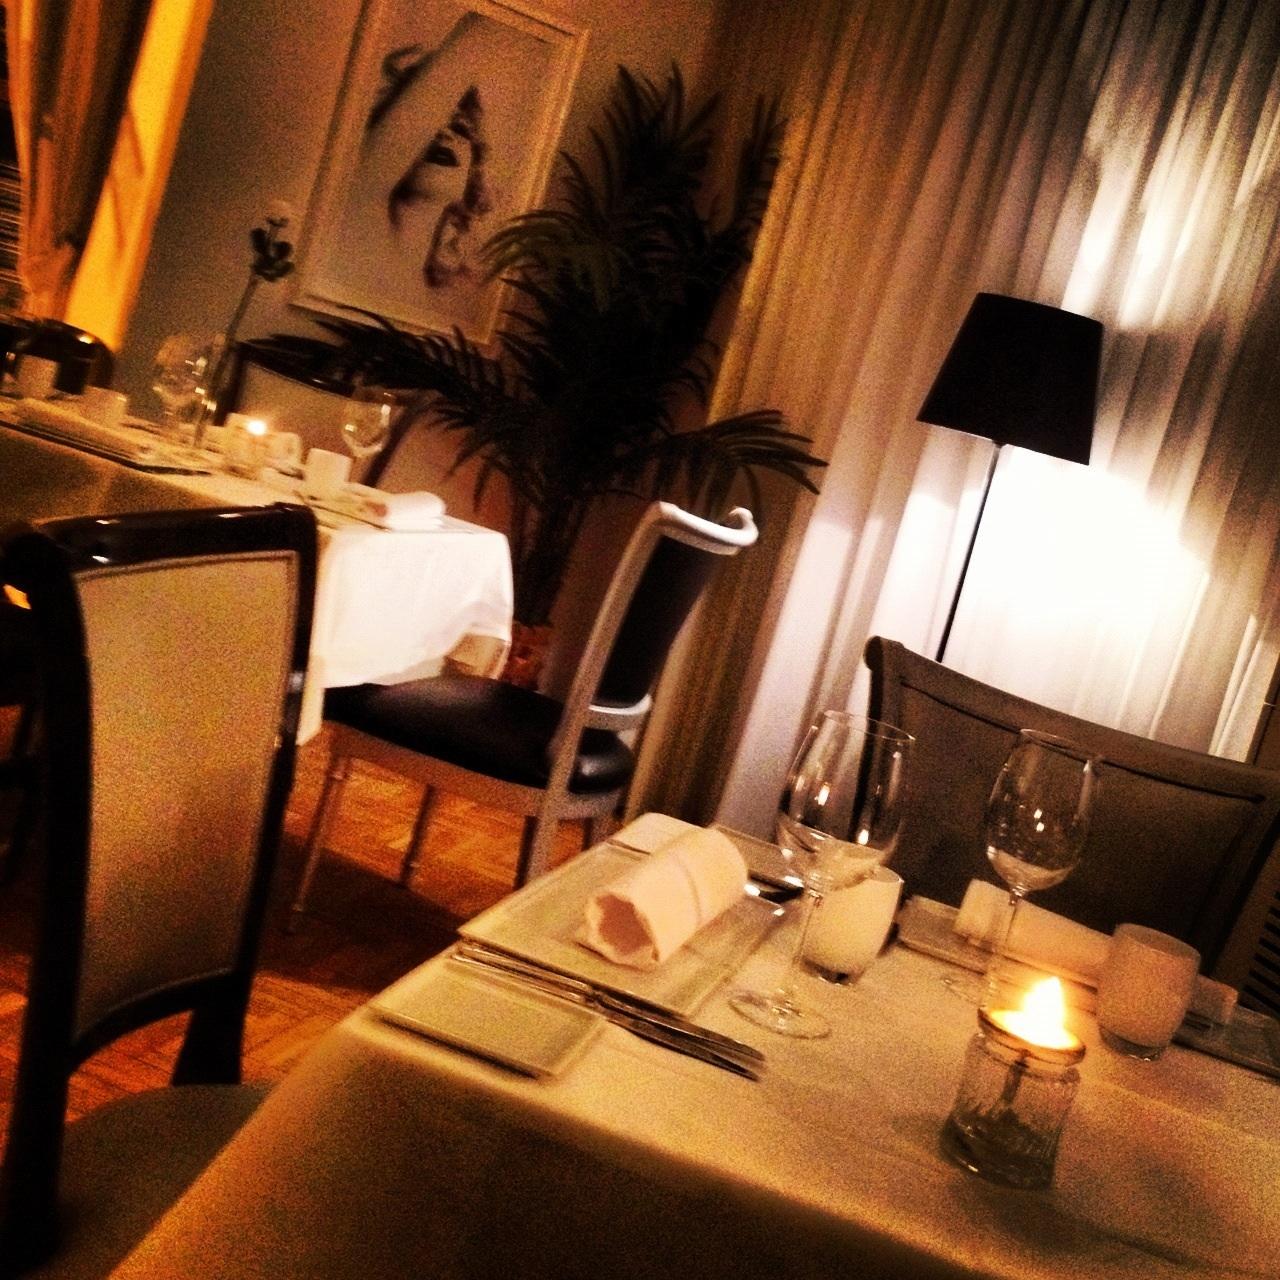 Restaurante en Valencia Espacio fantastico que recordaba a Paris